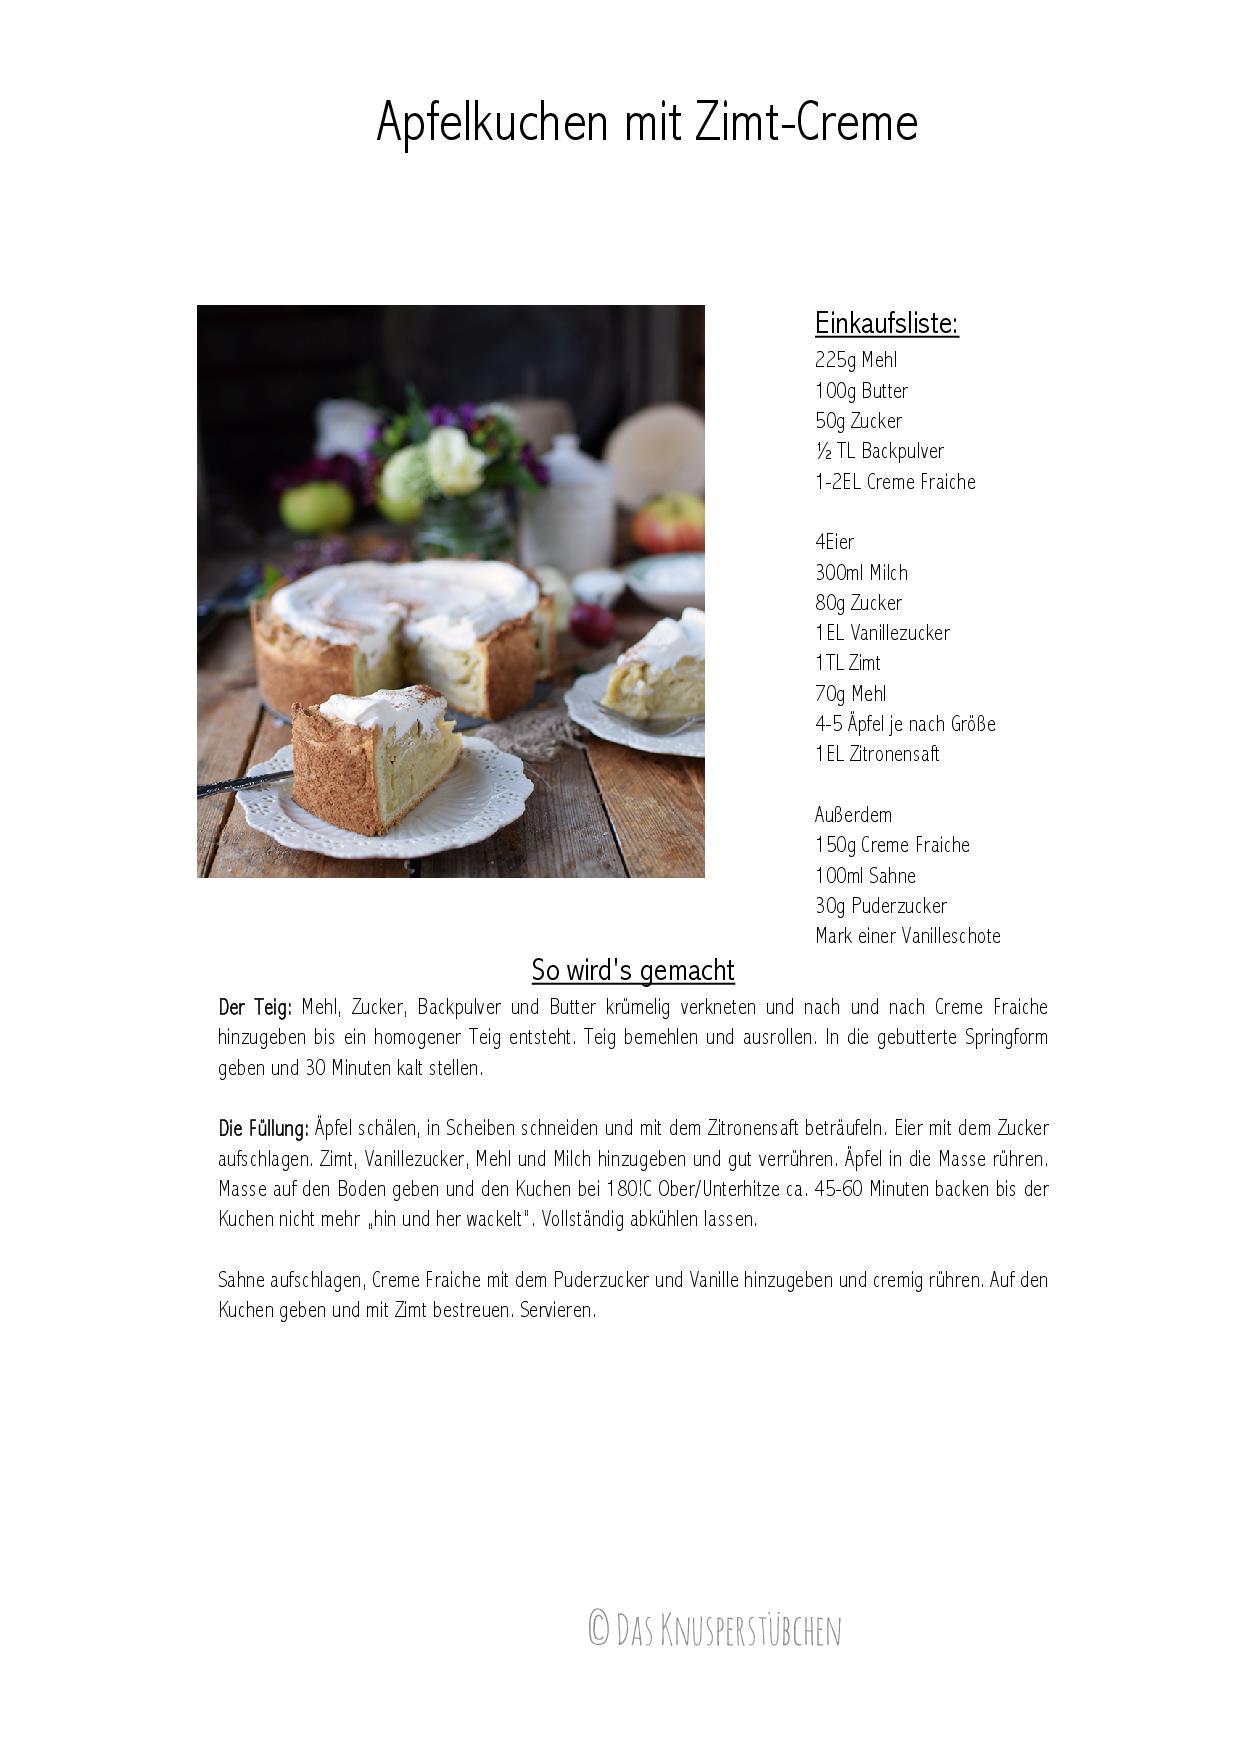 apfelkuchen-mit-zimt-creme-rezept-001